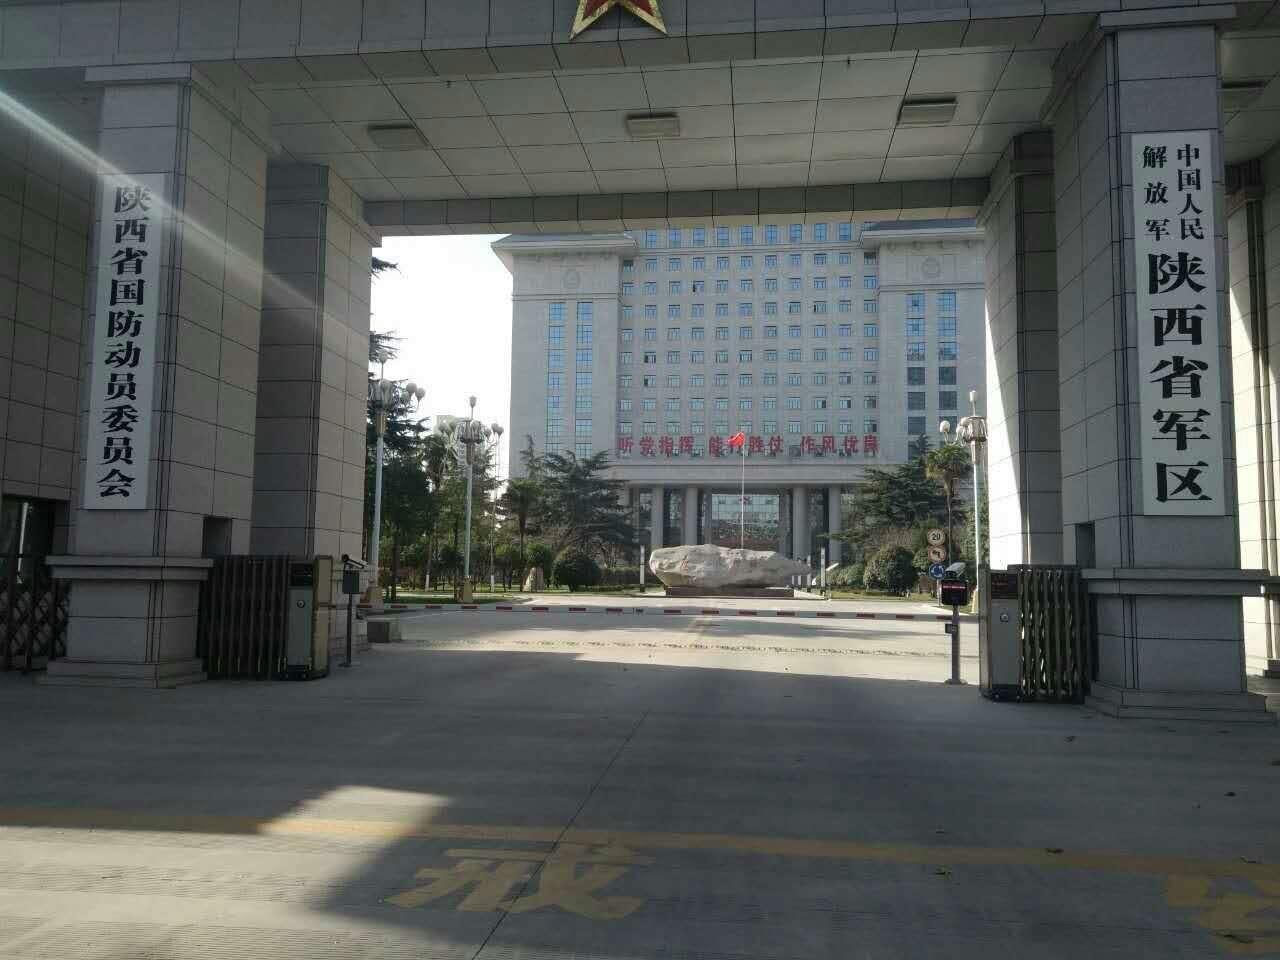 陕西省军区 (小寨)合作车牌识别系统